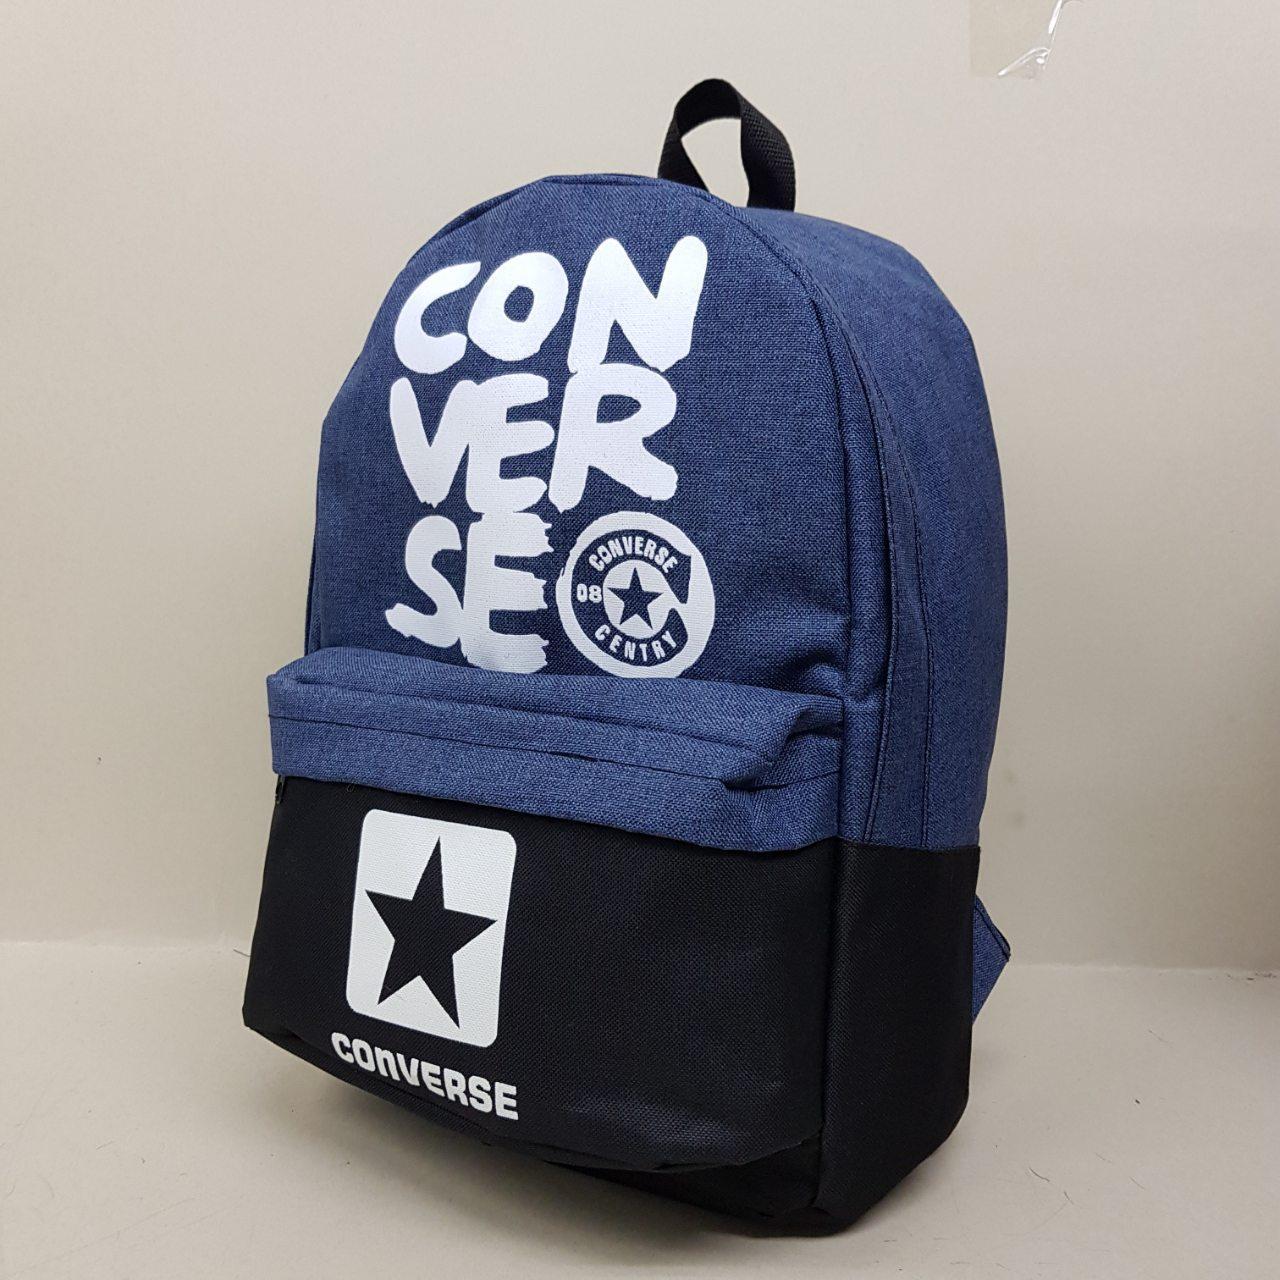 44a7e376285c Рюкзак Меланж,спортивные рюкзаки оптом, рюкзаки школьные, рюкзаки опт,сумки  оптом,реплика